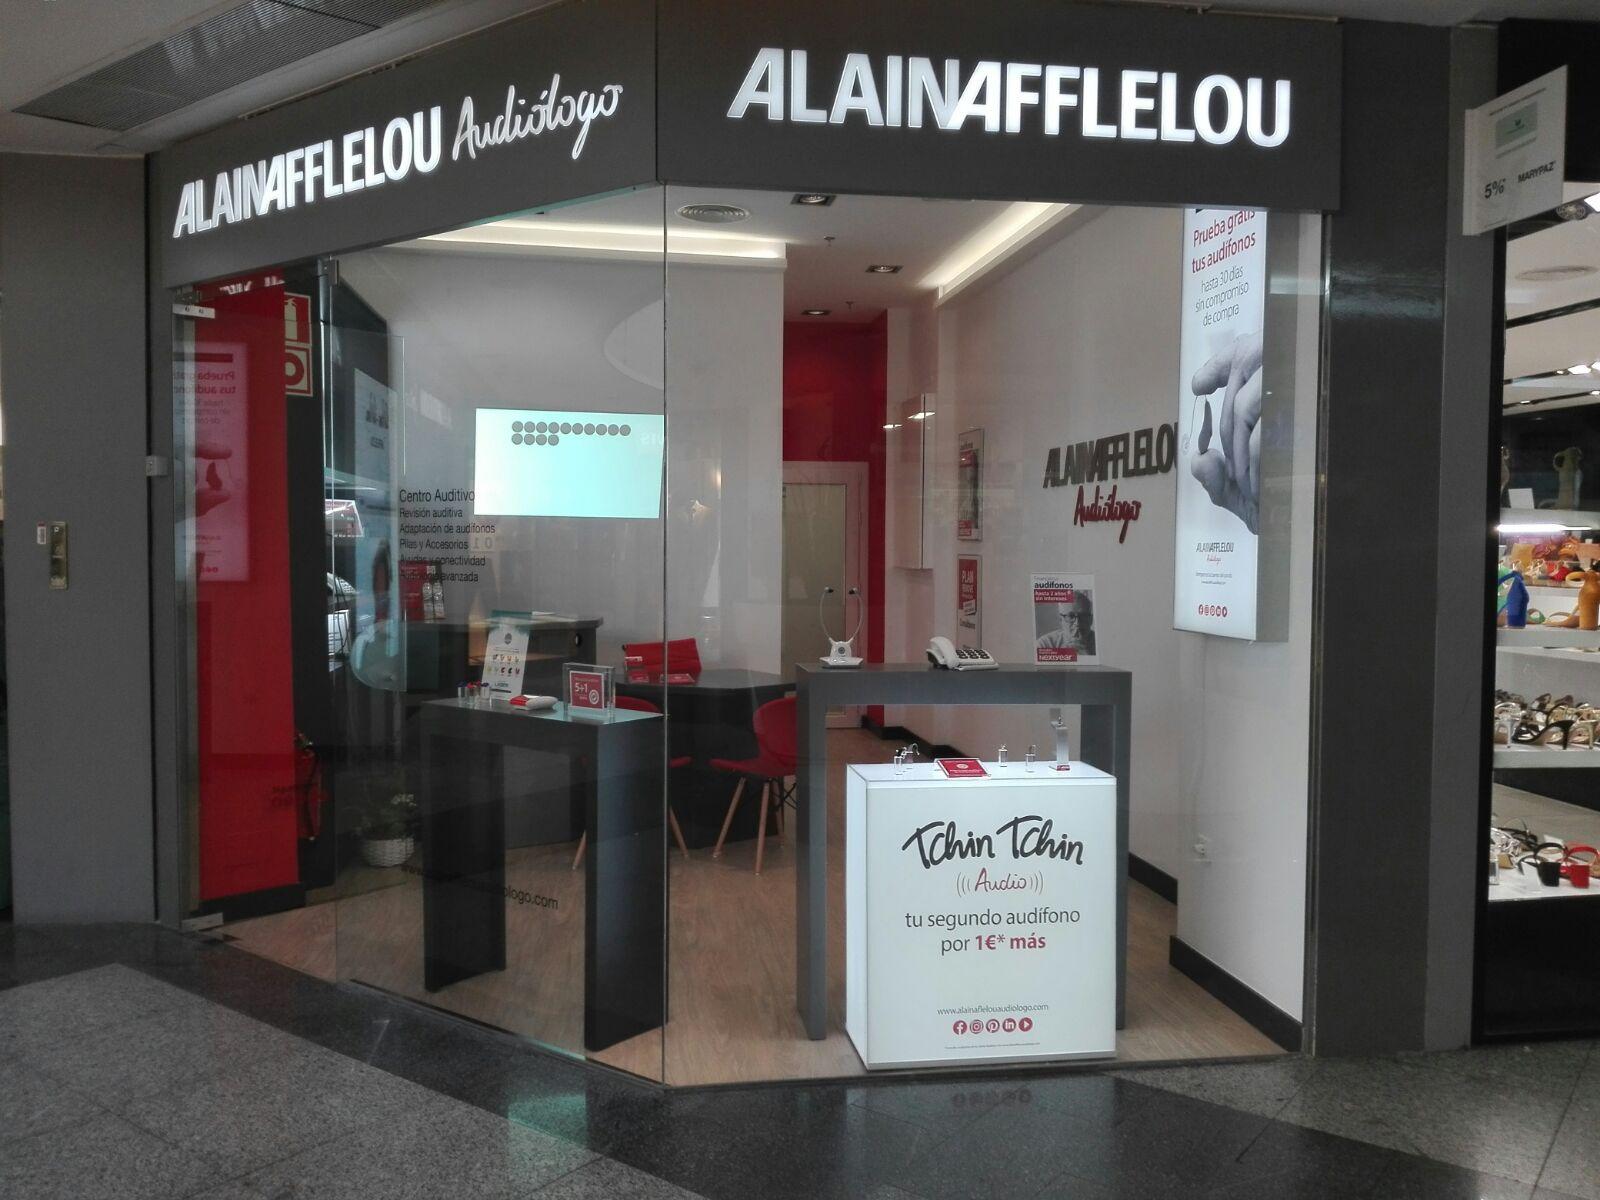 050ba2d4c3 La franquicia Alain Afflelou abre una tienda en Fuengirola ...